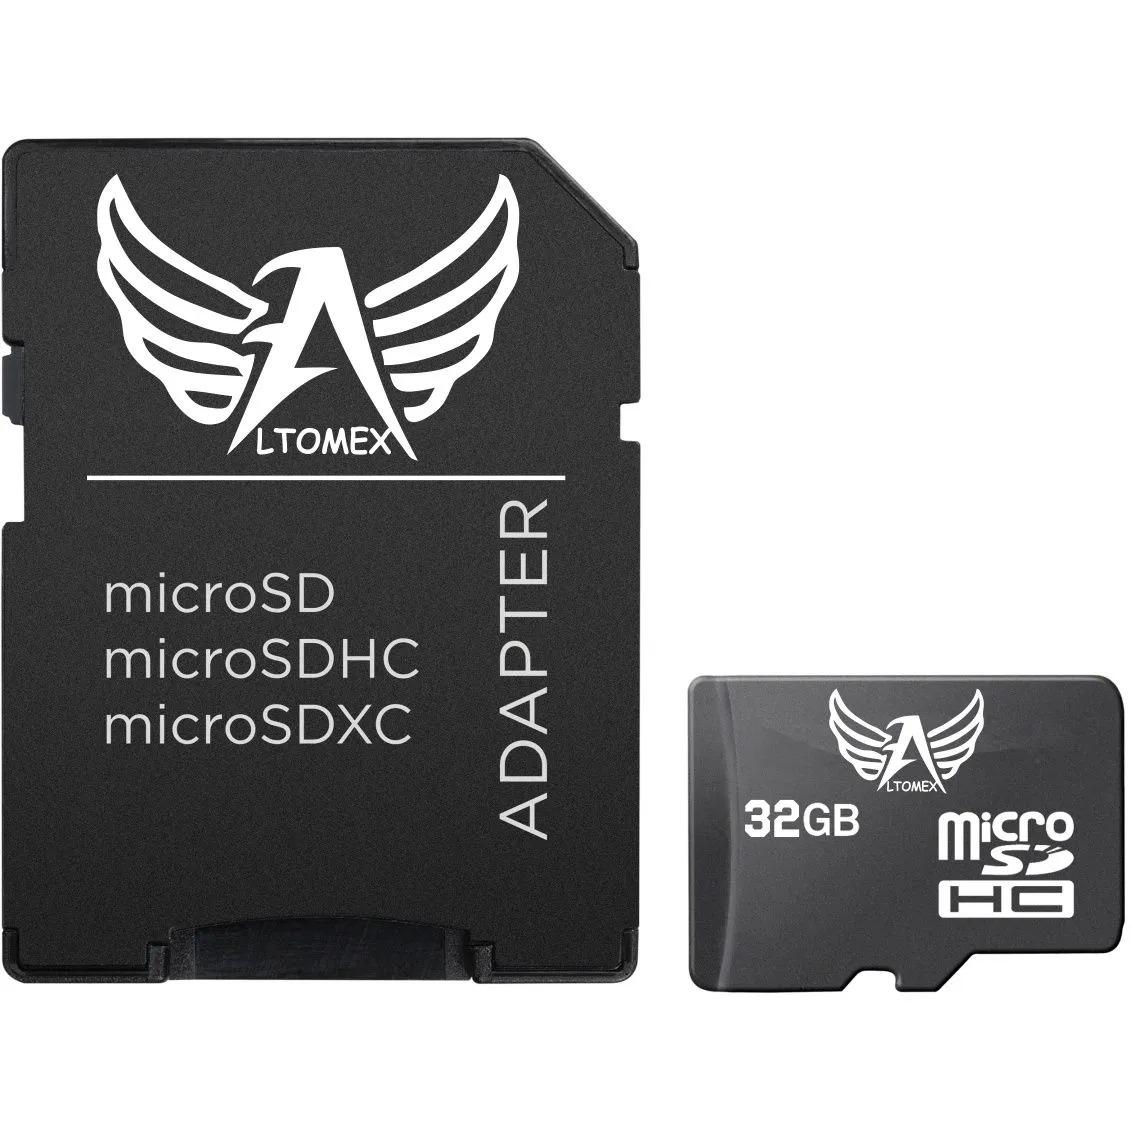 Cartão de Memória 32gb Altomex AL-MO-32